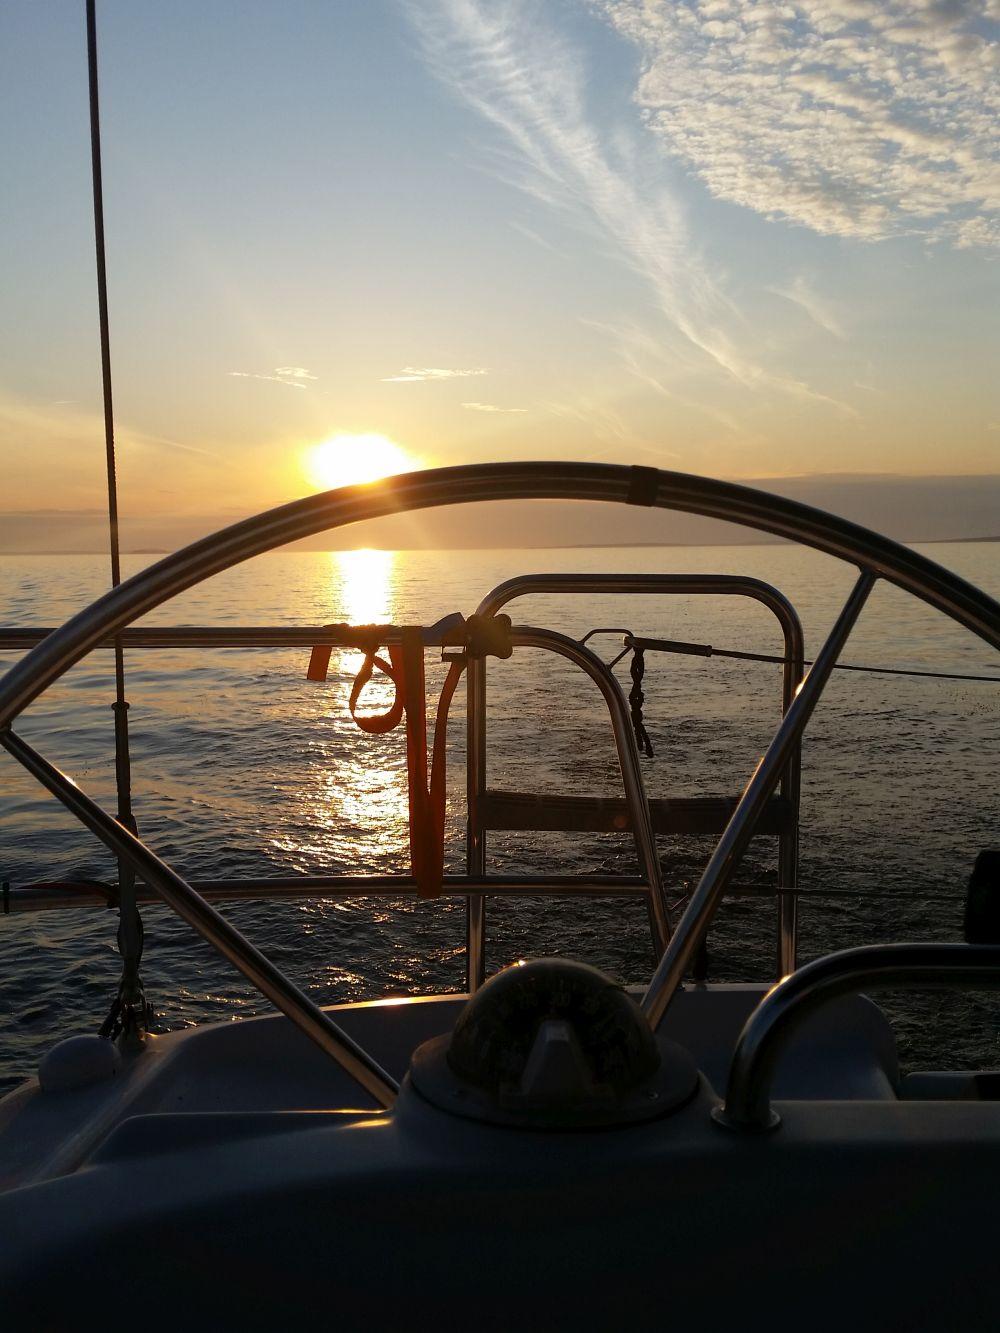 Sonnenuntergang - schön und warm ists auch